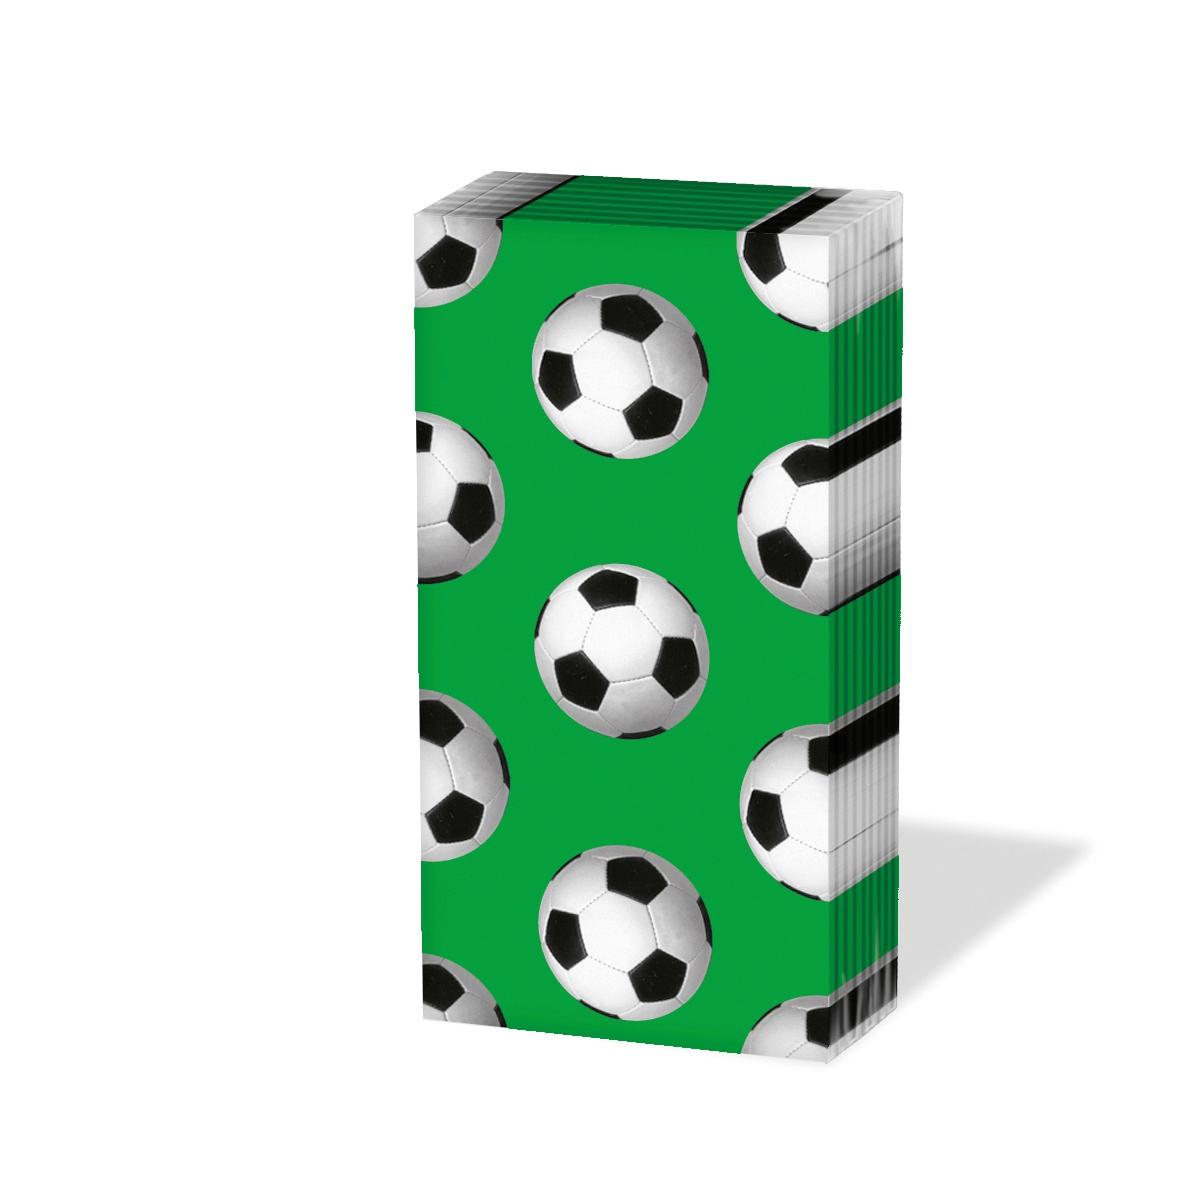 Taschentücher Soccer green                      ,  Sport,  Everyday,  bedruckte papiertaschentücher,  Fußball,  Ball